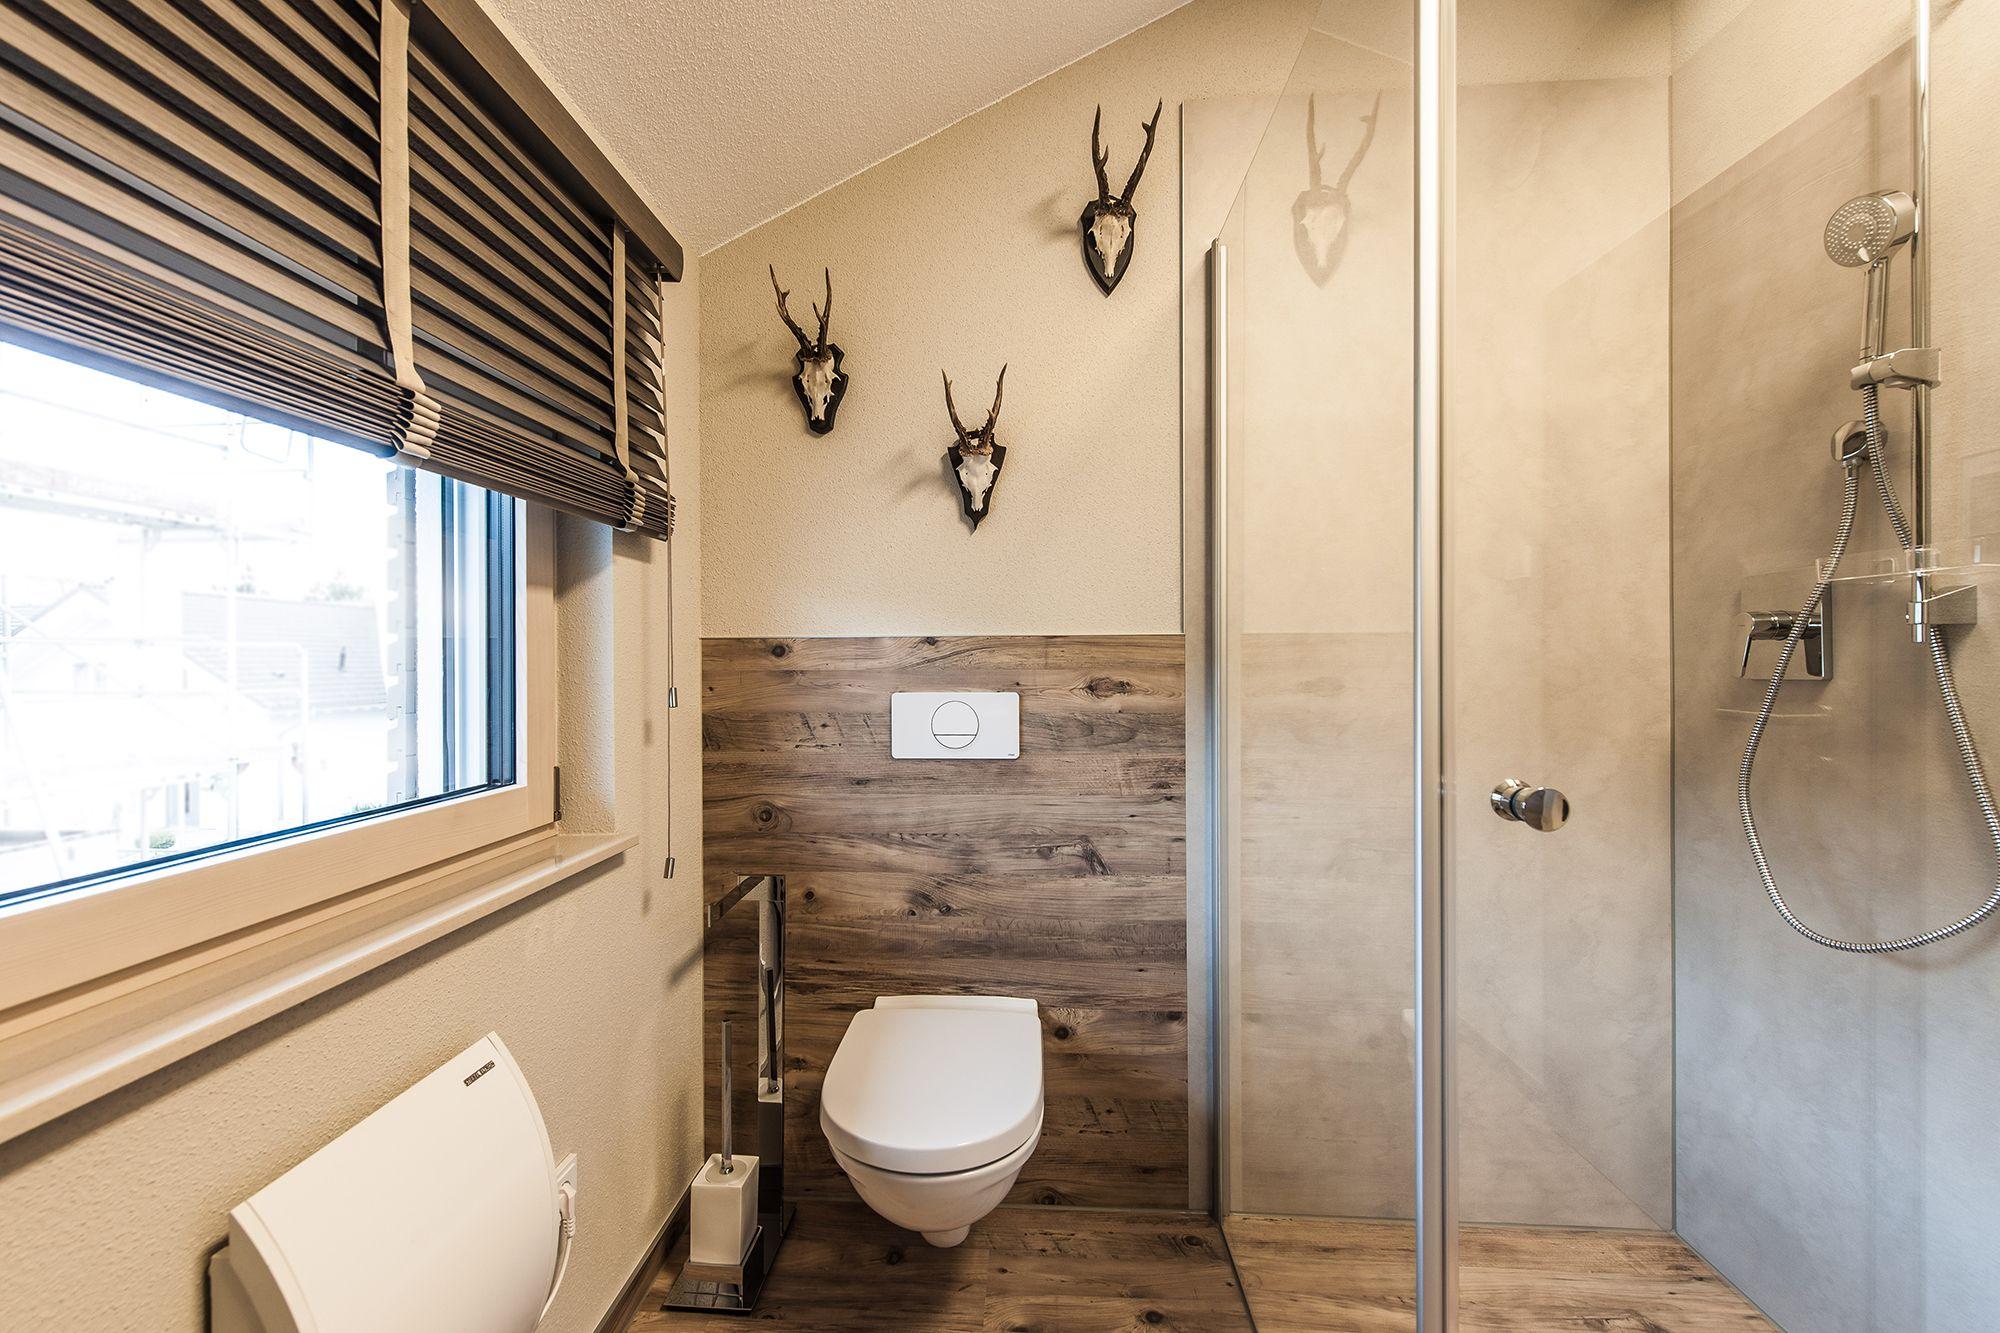 Wohnideen Badezimmer Mit Ebenerdiger Dusche Viel Holz Und Rustikaler Dekoration Fingerhaus Fertighaus Kaufen Fertighauser